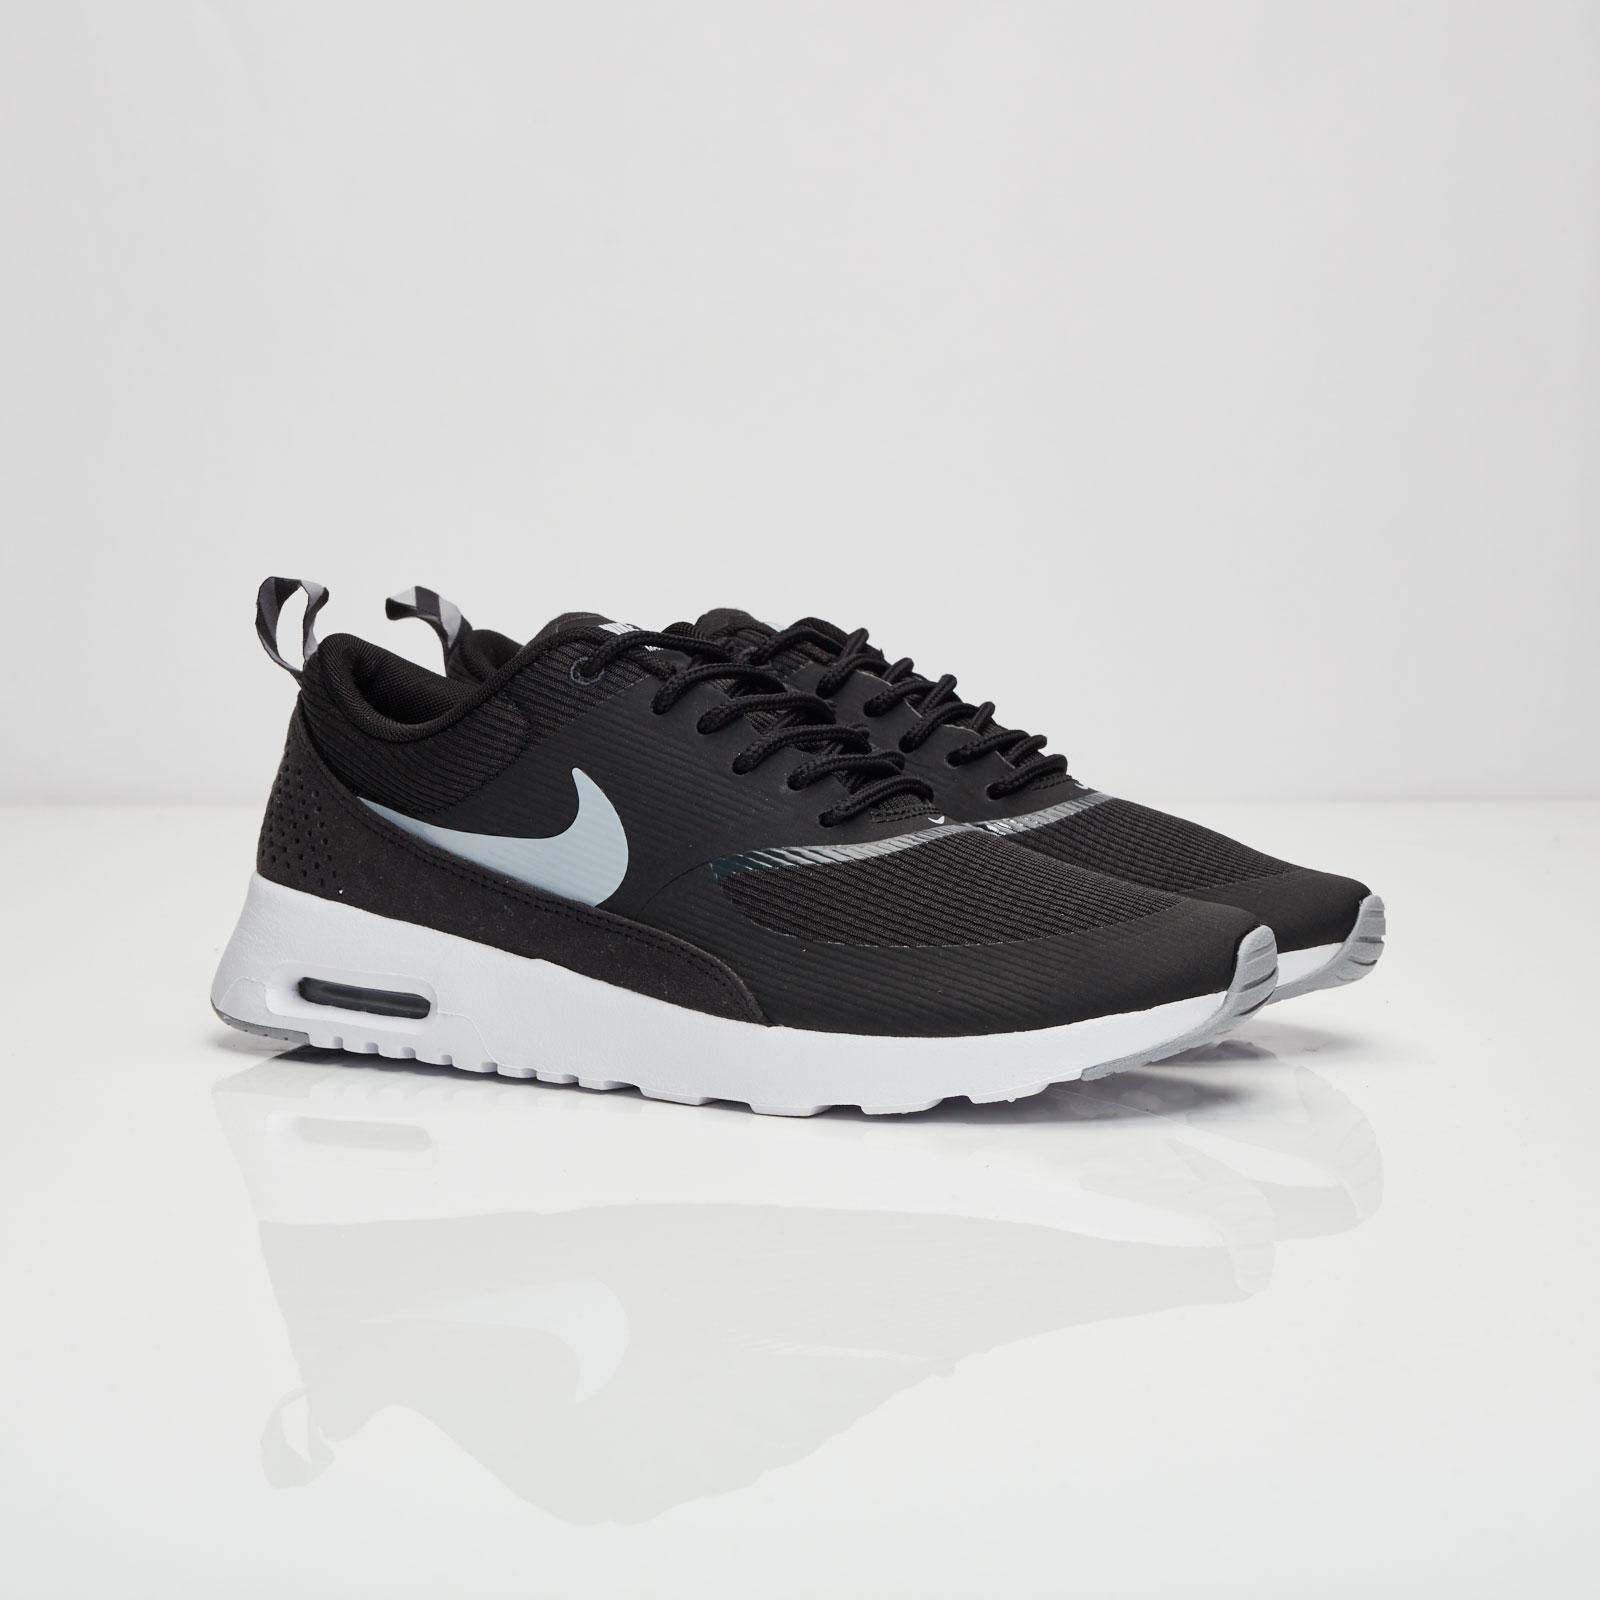 big sale 1fda7 08018 Nike Wmns Air Max Thea